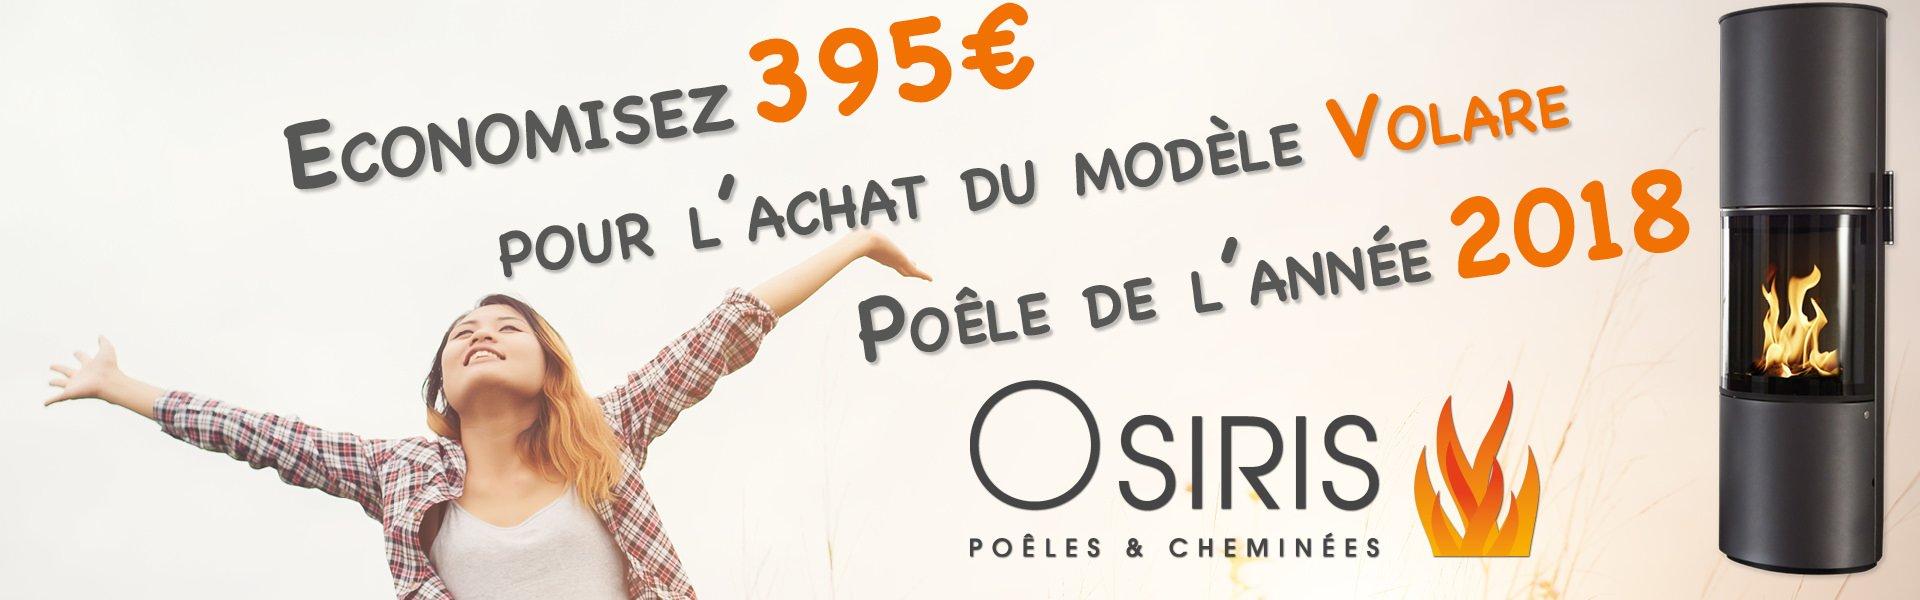 Economisez 395€ pour l'achat du modele Volare